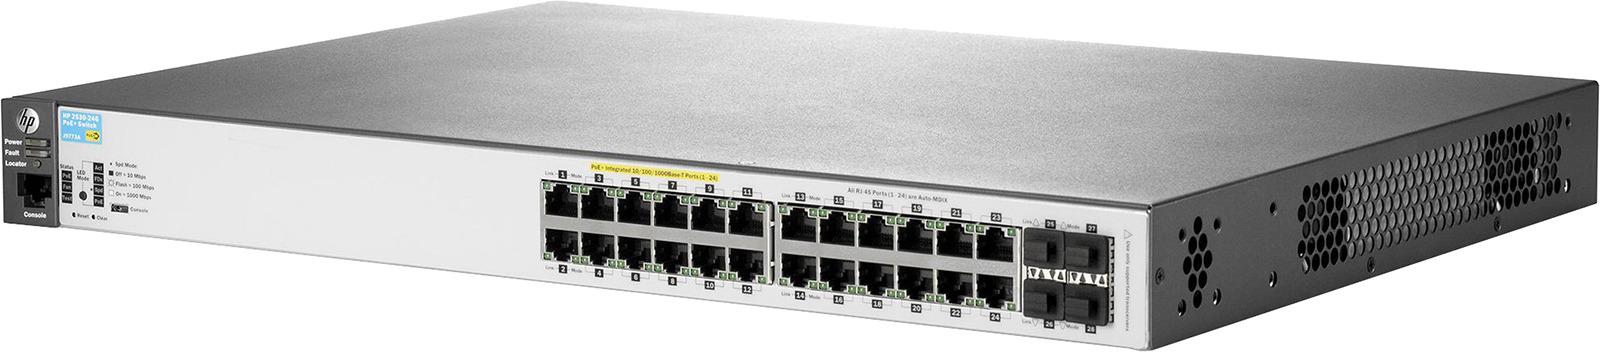 Коммутатор HPE 2530, управляемый, J9773A цены